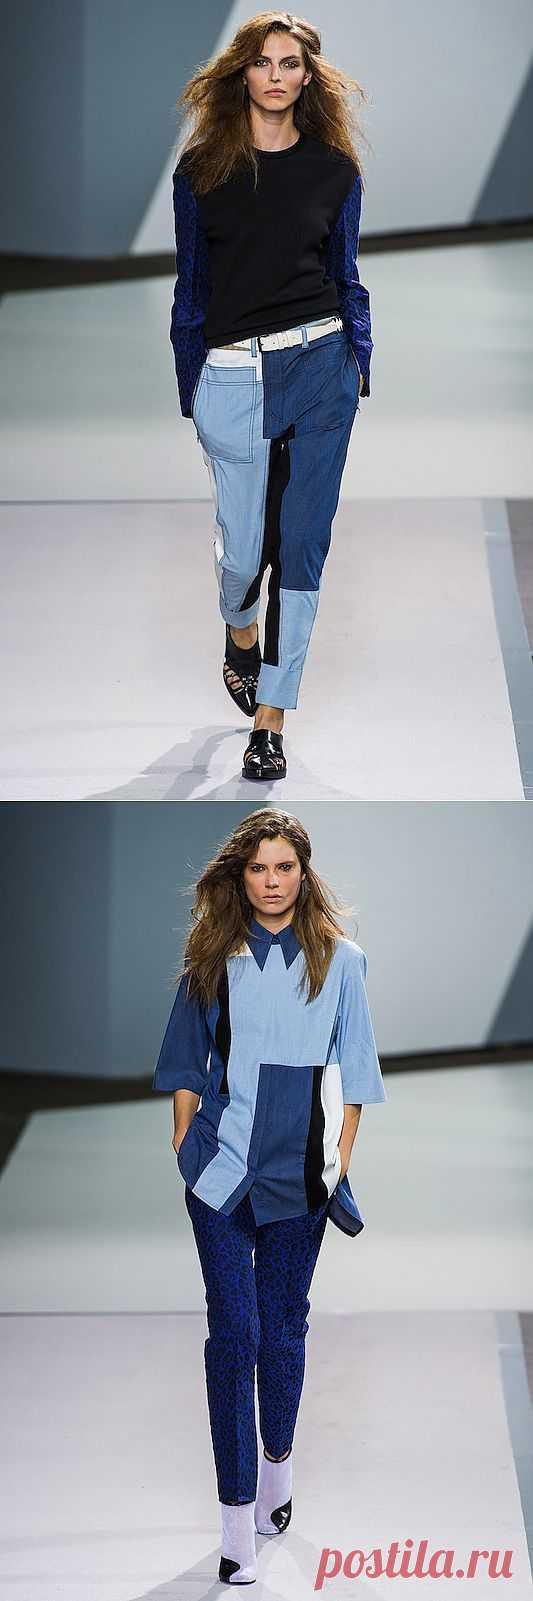 Брюки и рубашка пэчворк от Phillip Lim / Пэчворк / Модный сайт о стильной переделке одежды и интерьера